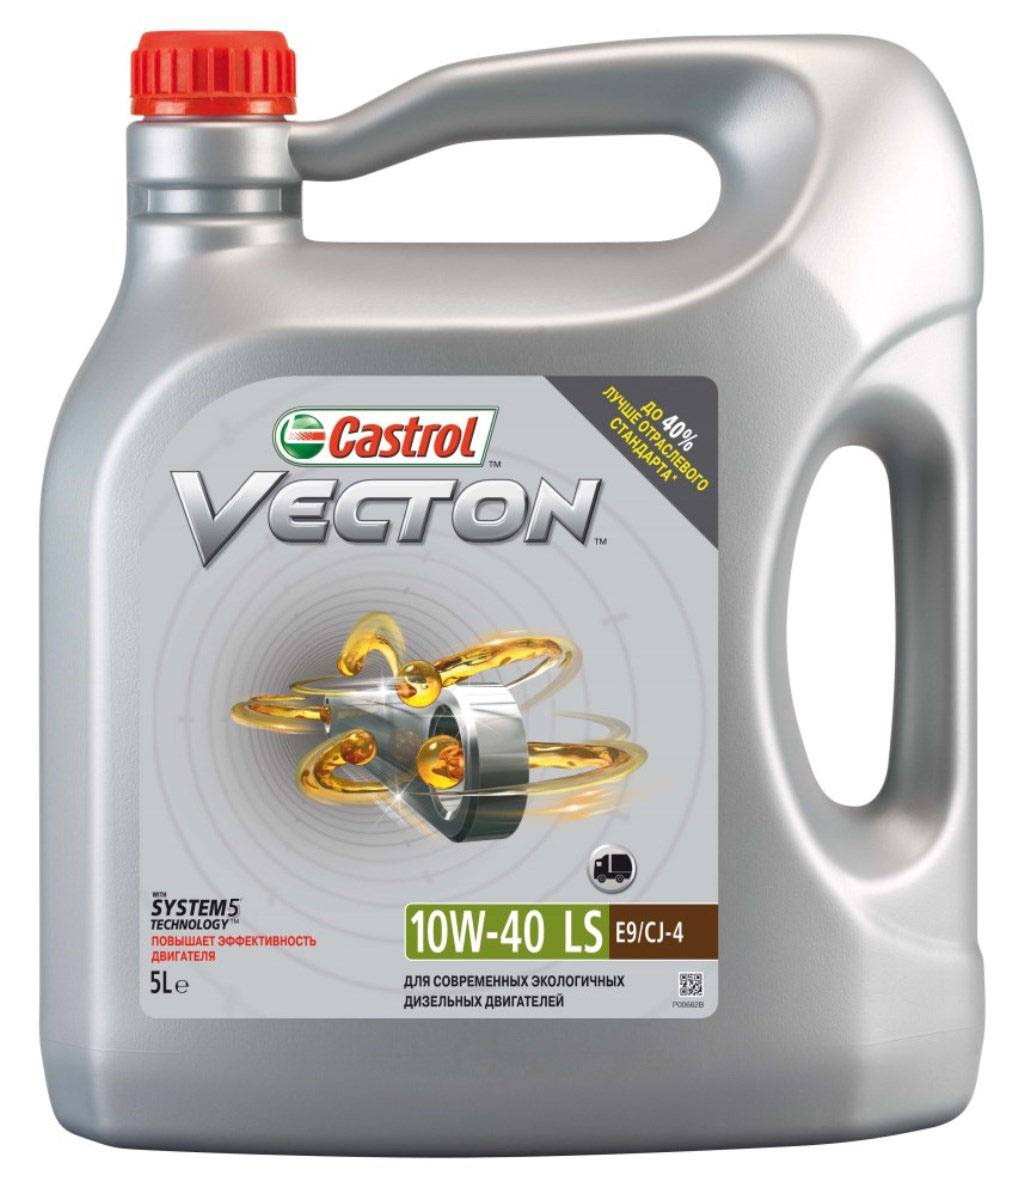 Моторное масло для двигателя Castrol Vecton 10W-40 LS, 5 лкн12-60авцCastrol Vecton Long Drain 10W-40 LS – полностью синтетическое моторное масло со сниженной зольностью. Произведено с использованием уникальной технологии System 5 TM и предназначено для использования с увеличенными интервалами замены в дизельных двигателях, оснащенных самыми современными системами снижения токсичности выхлопных газов, включая сажевыефильтры. Low SAPS означает, что композиция смазочного материала содержит меньшее количество сульфатной золы (Sulphated Ash), фосфора (Phosphorus) и серы (Sulphur) в сравнении с обычными смазочными материалами. Castrol Vecton Long Drain 10W-40 LS разработано для дизельных двигателей грузовых автомобилей и автобусов, соответствующих экологическим стандартам Euro 4 и Euro 5. Также может применяться в двигателях предыдущих поколений и в двигателях внедорожной техники в соответствии со спецификациями. Преимущества: Современные двигатели работают в постоянно изменяющихся условиях, которые влияют на эффективность их работы. Castrol Vecton Long Drain 10W-40 LS c технологией System 5 TM адаптируется к этим изменениям, позволяя максимально реализовать эксплуатационные характеристики двигателя, работающего с удлиненными интервалами замены, даже в тяжелых условиях эксплуатации; продукт обладает превосходной способностью нейтрализовать вредные вещества, образующиеся в процессе работы двигателя, сохраняя эту способность в течение всего интервала работы масла; минимизирует износ деталей двигателя; предотвращает образование отложений на поршне даже в тяжелых условиях эксплуатации. Castrol Vecton Long Drain 10W-40 LS одобрен MAN, Mercedes-Benz, Renault Trucks, Volvo Trucks и Deutz для увеличенных межсервисных интервалов, в соответствии со спецификациями. Интервал замены моторного масла в каждом конкретном случае зависит от качества топлива, условий эксплуатации, а также от типа и состояния двигателя. В вопросе определения межсервисного интервала необходимо всегда сверятьс